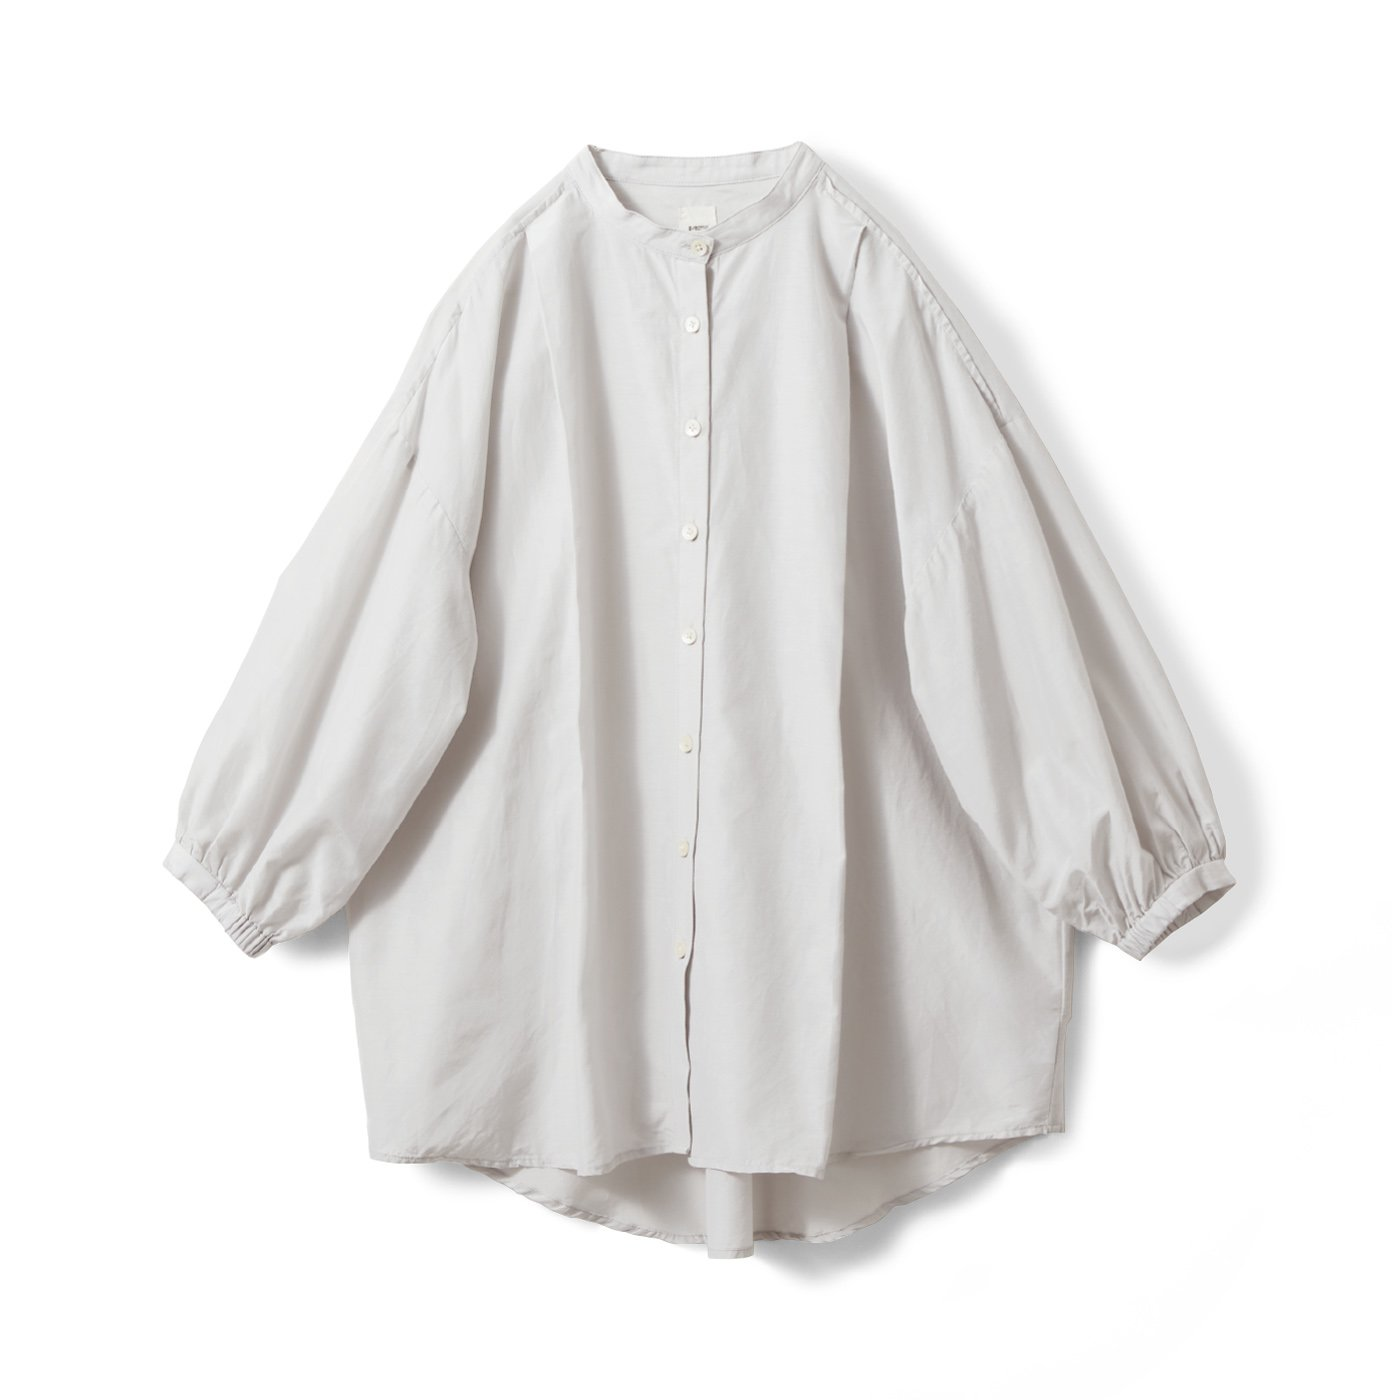 アヴェクモワ 綿シルクのタックシャツ 〈ライトグレー〉